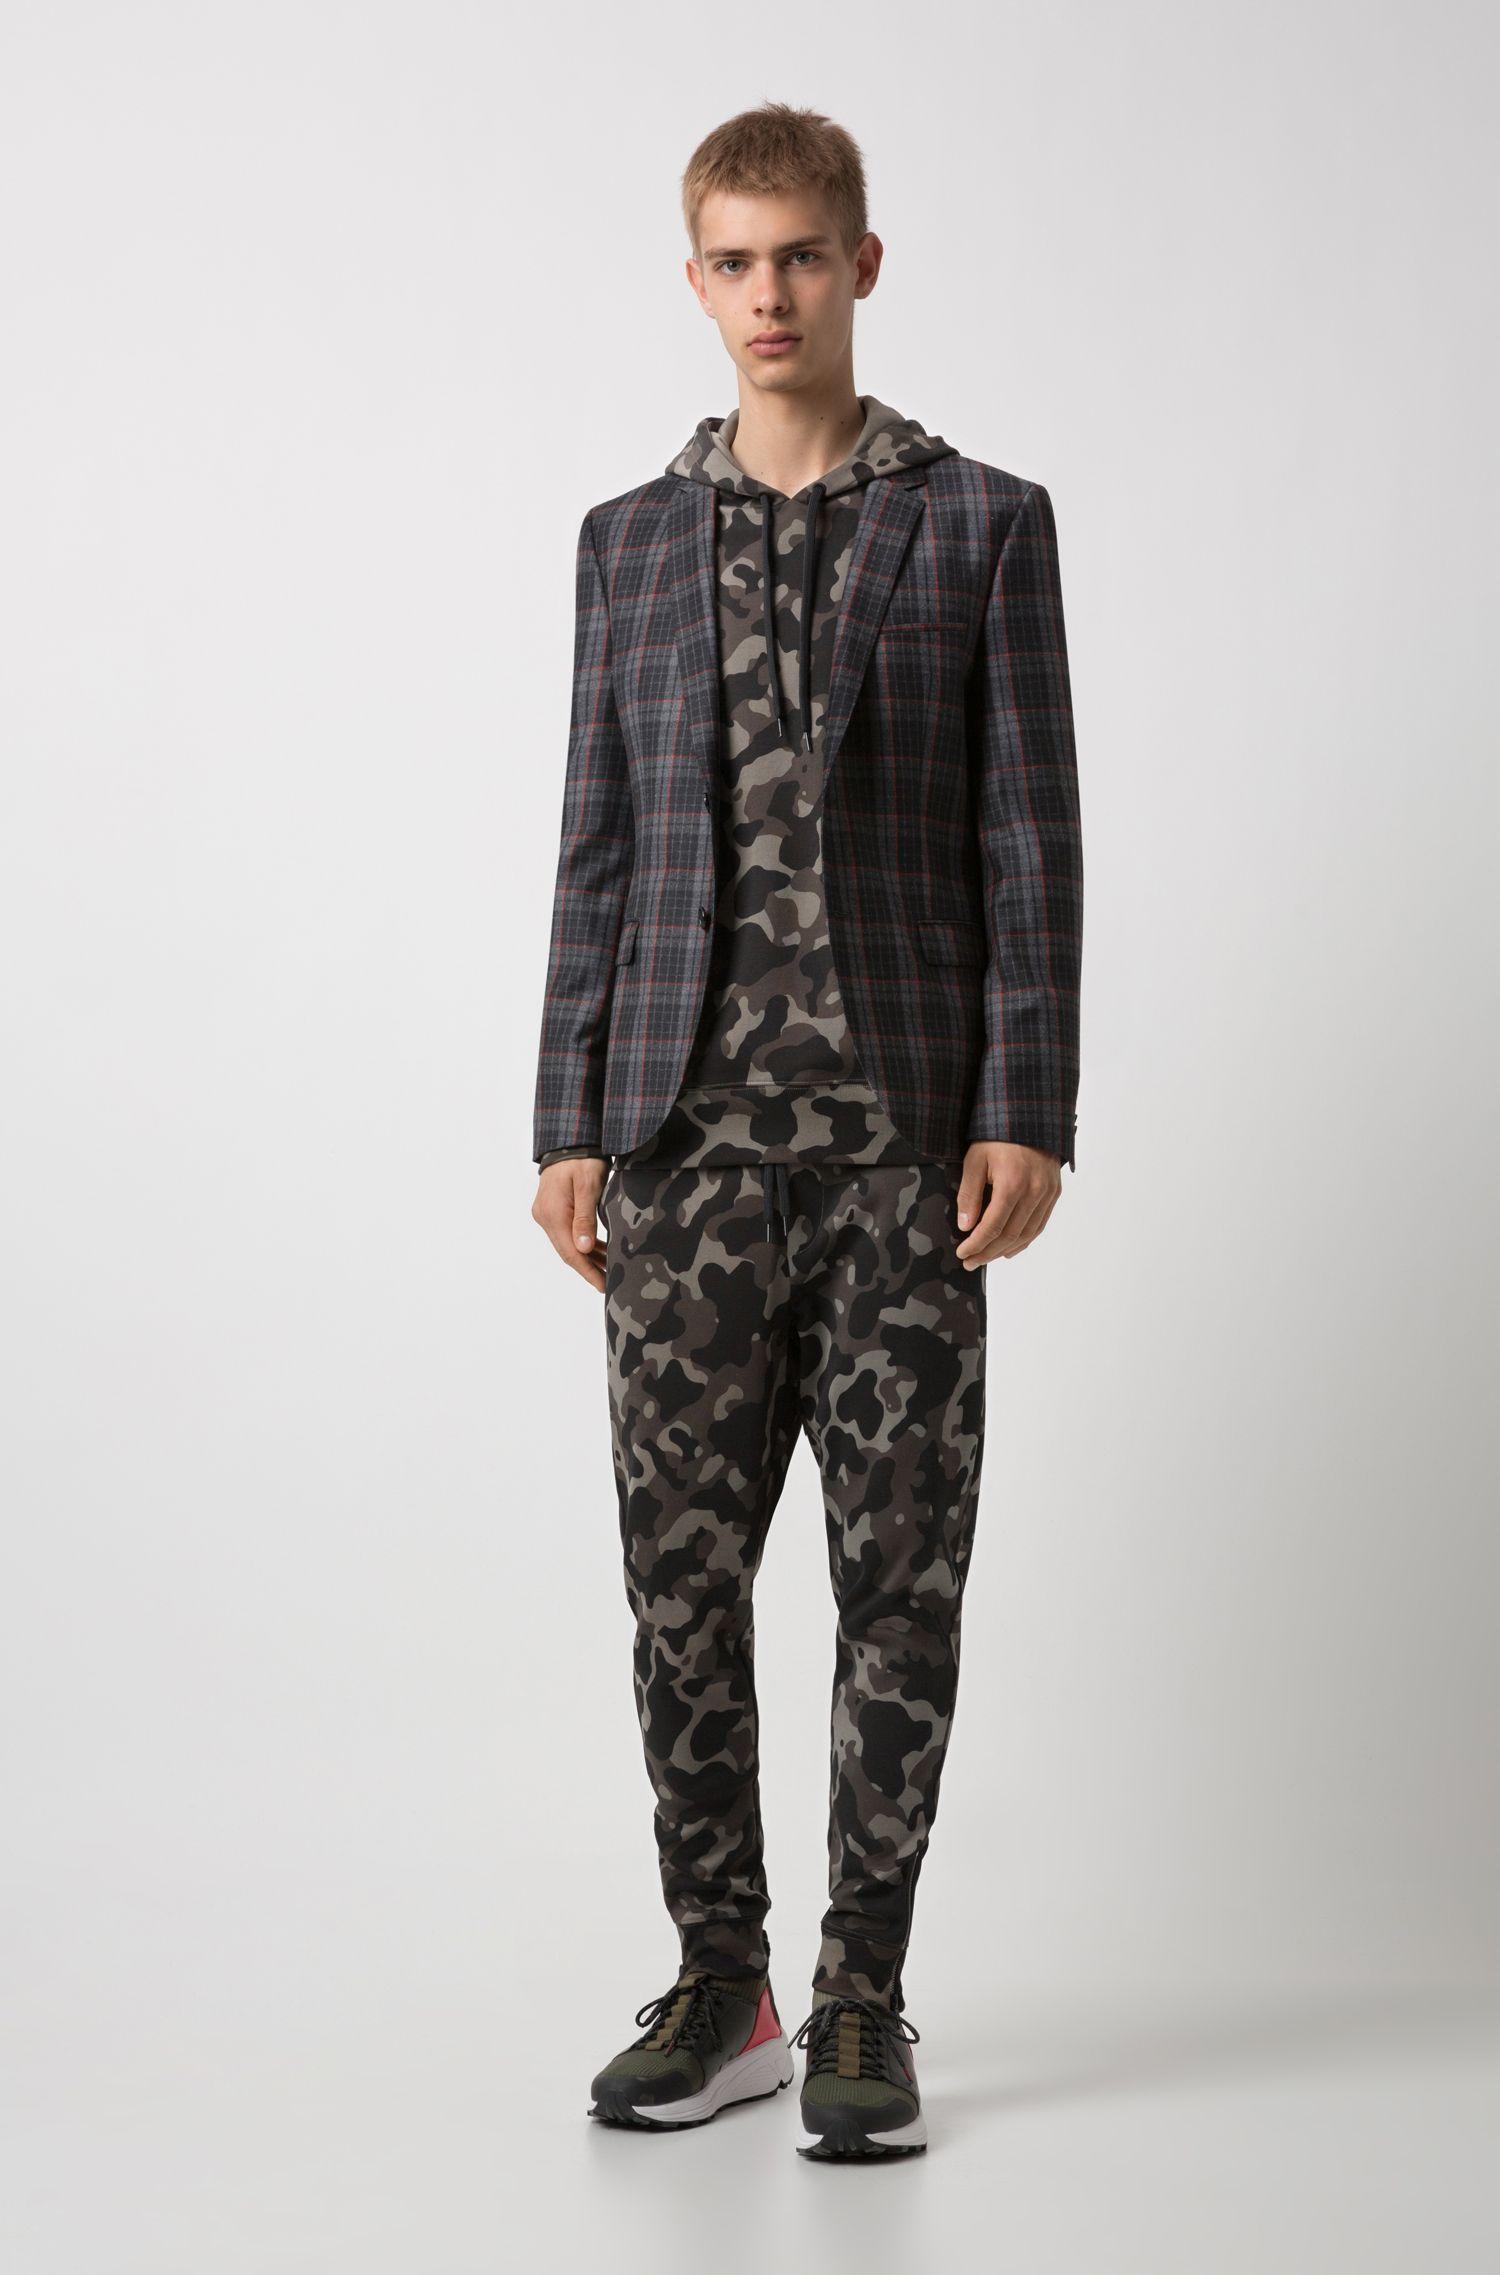 Pantalon en jersey de coton interlock à imprimé camouflage, Fantaisie